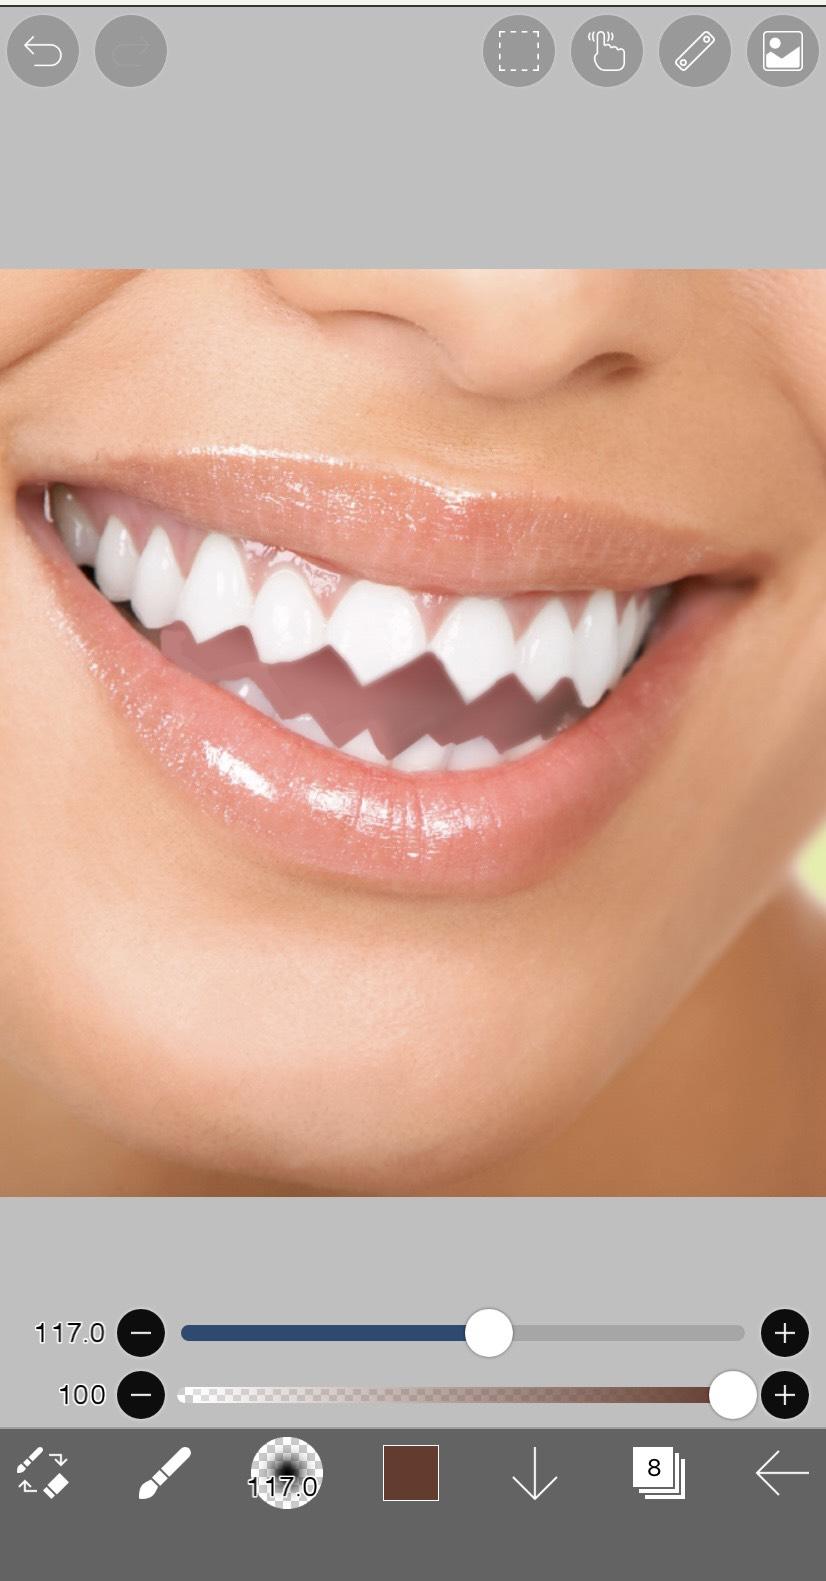 アプリ「アイビスペイントX」でギザ歯の輪郭を軽くぼかした状態